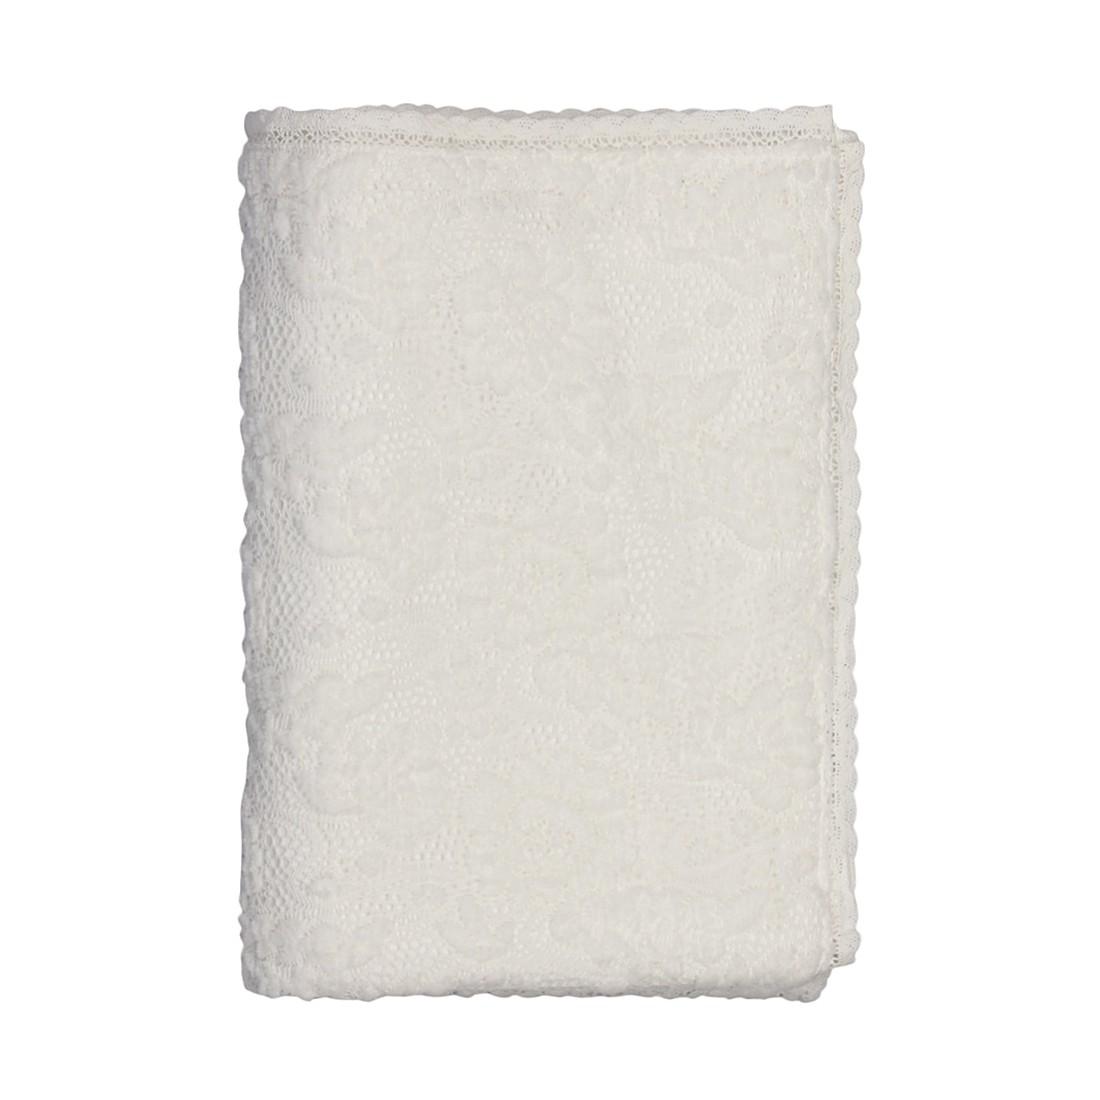 Plaid Oviedo – 130 X 170 cm, Weiß, Polyester, Dutch Decor günstig bestellen